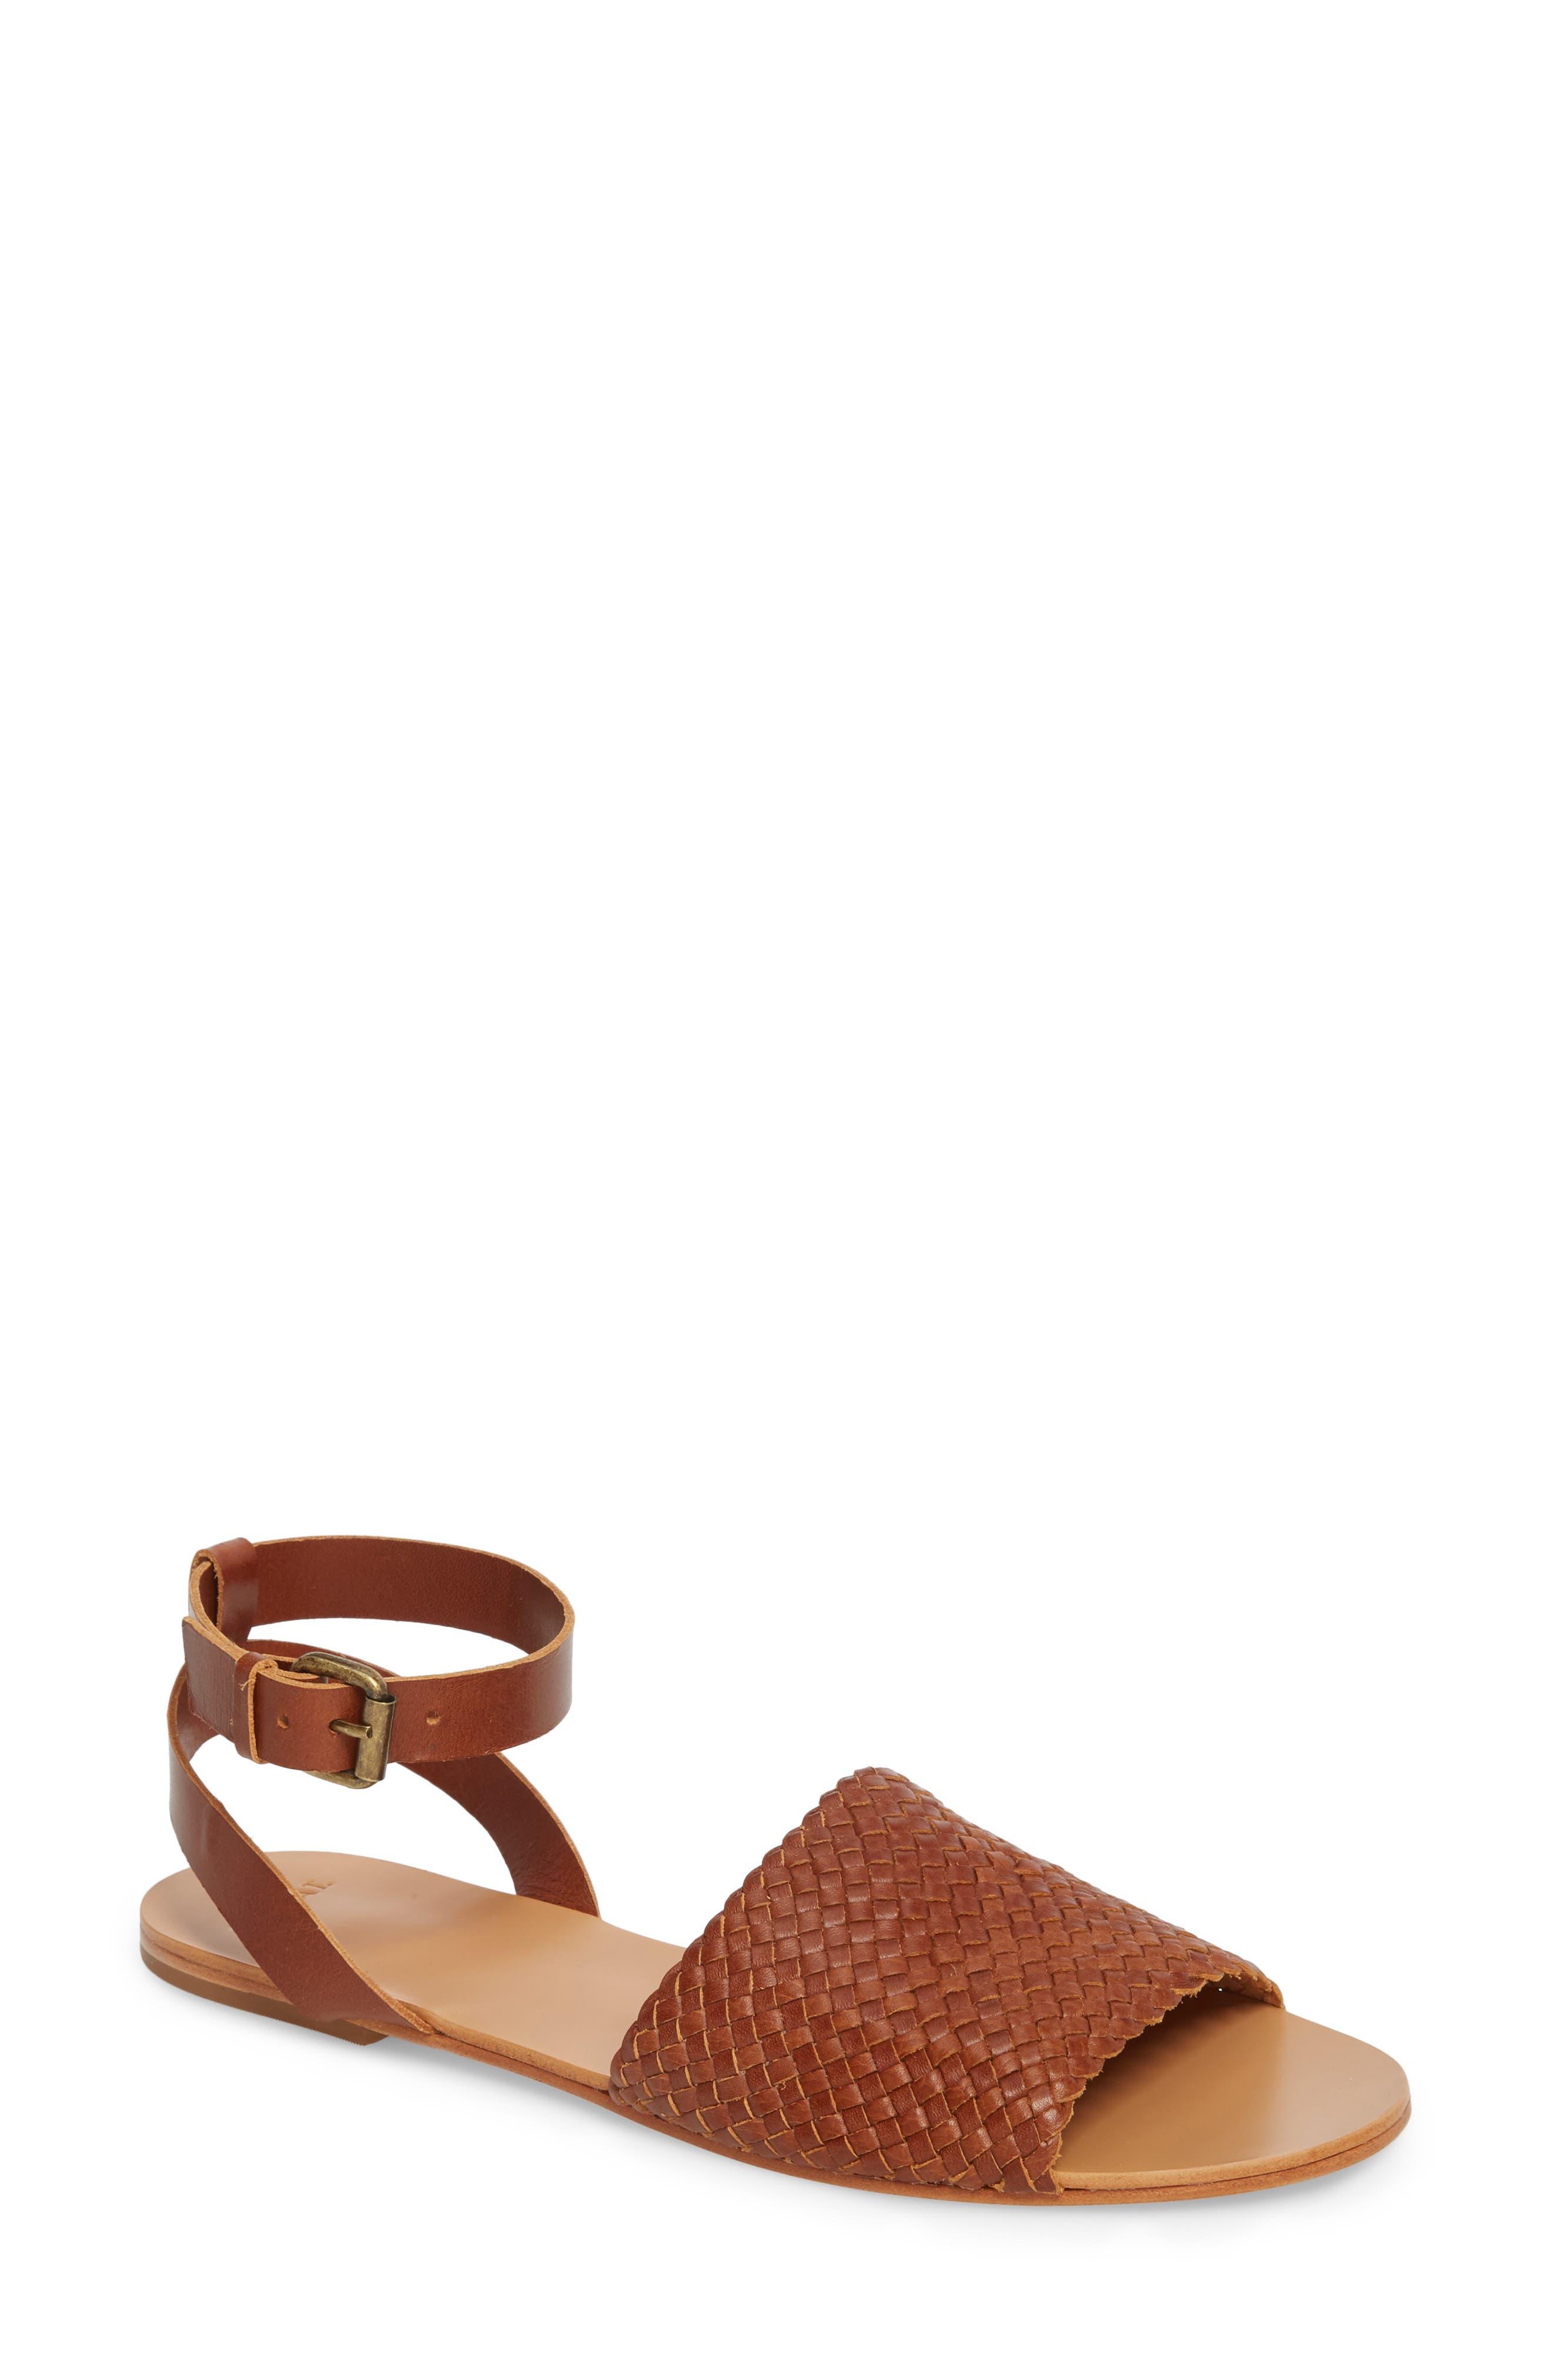 The Great Caravan Ankle Strap Sandal,                             Main thumbnail 1, color,                             Cognac